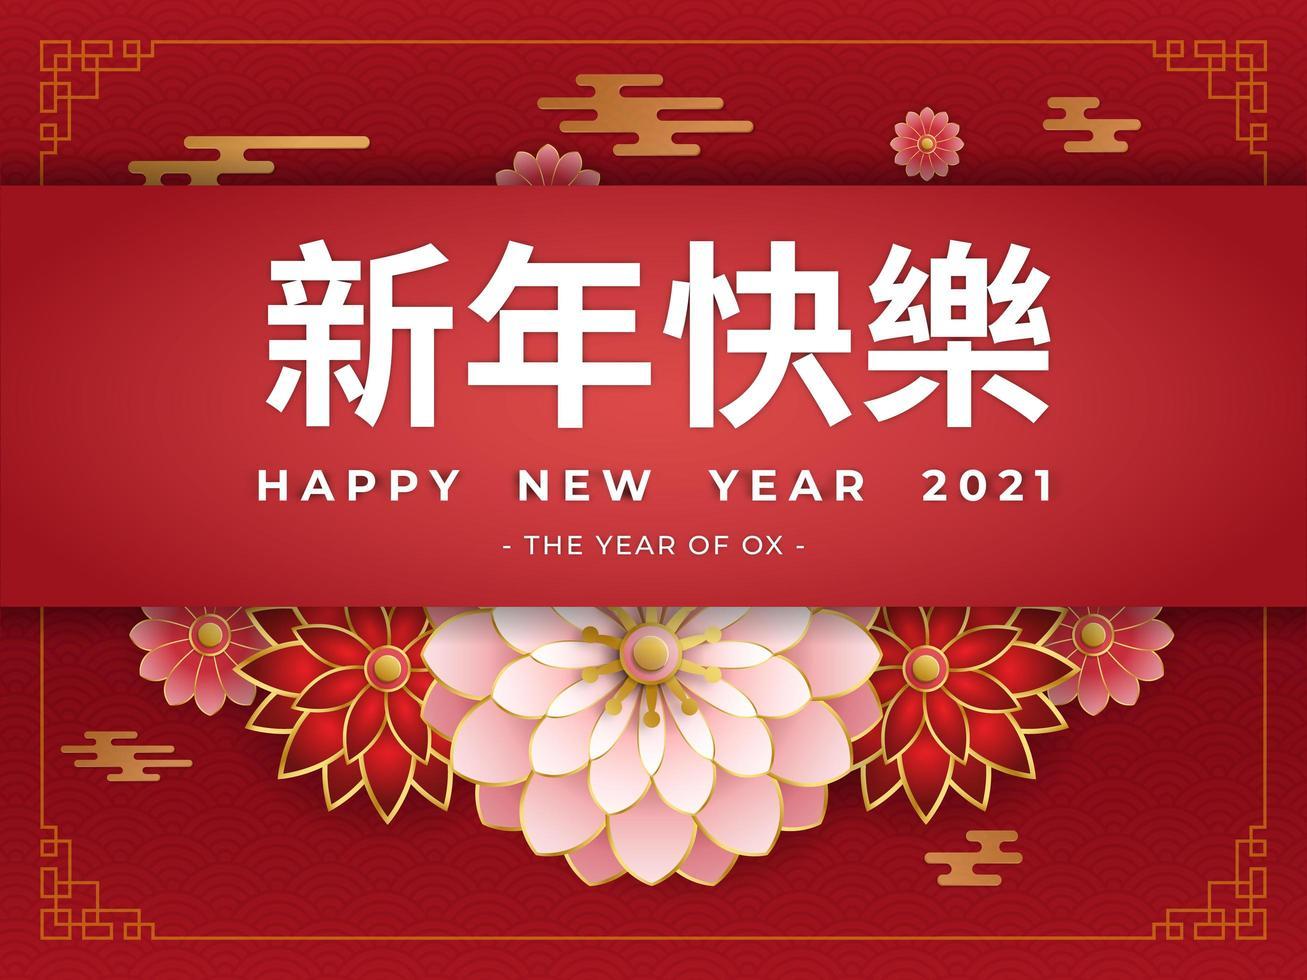 röda och rosa blommor med kinesisk abstrakt bakgrund vektor